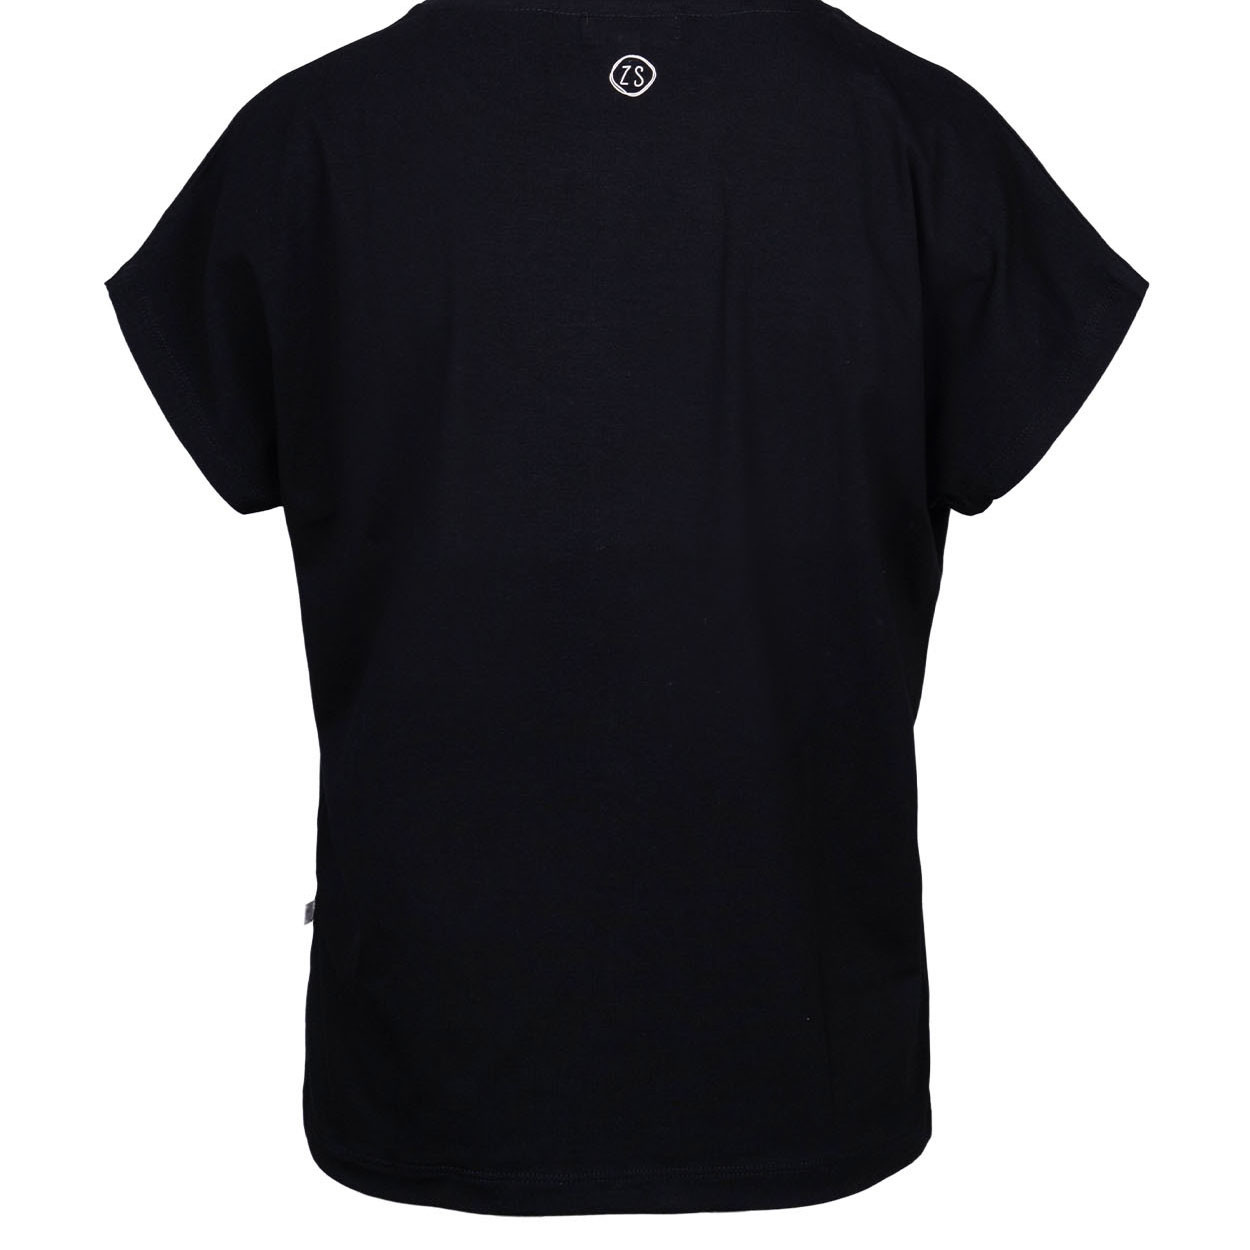 Zusss Tof Basic T-Shirt Zwart